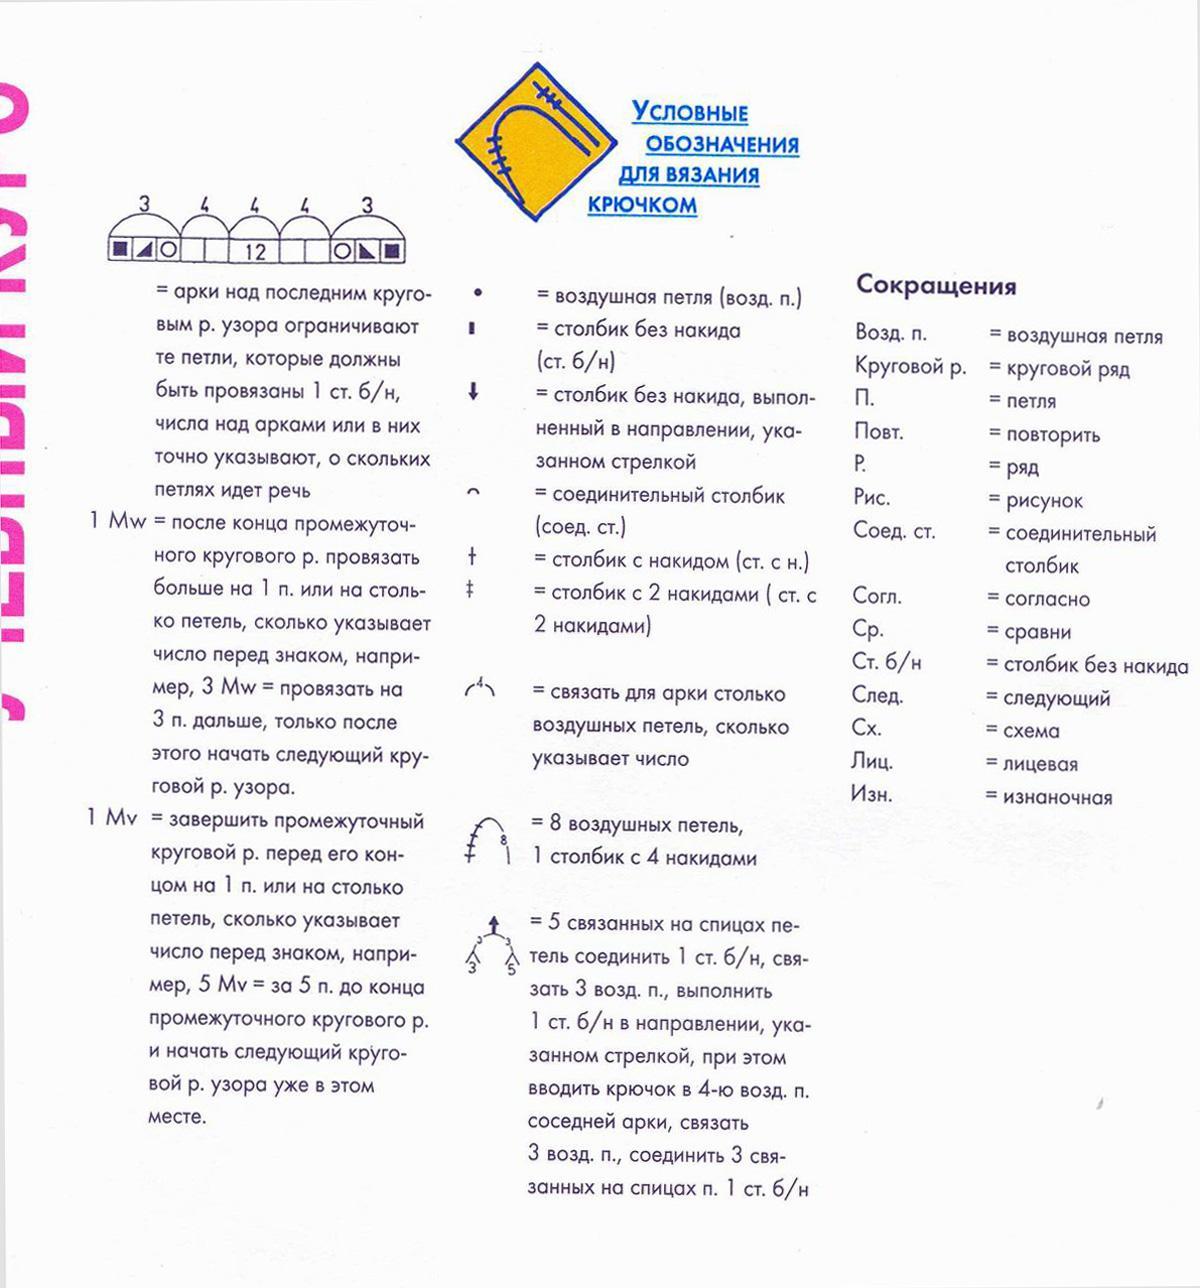 Толковый словарь условных обозначений в 85